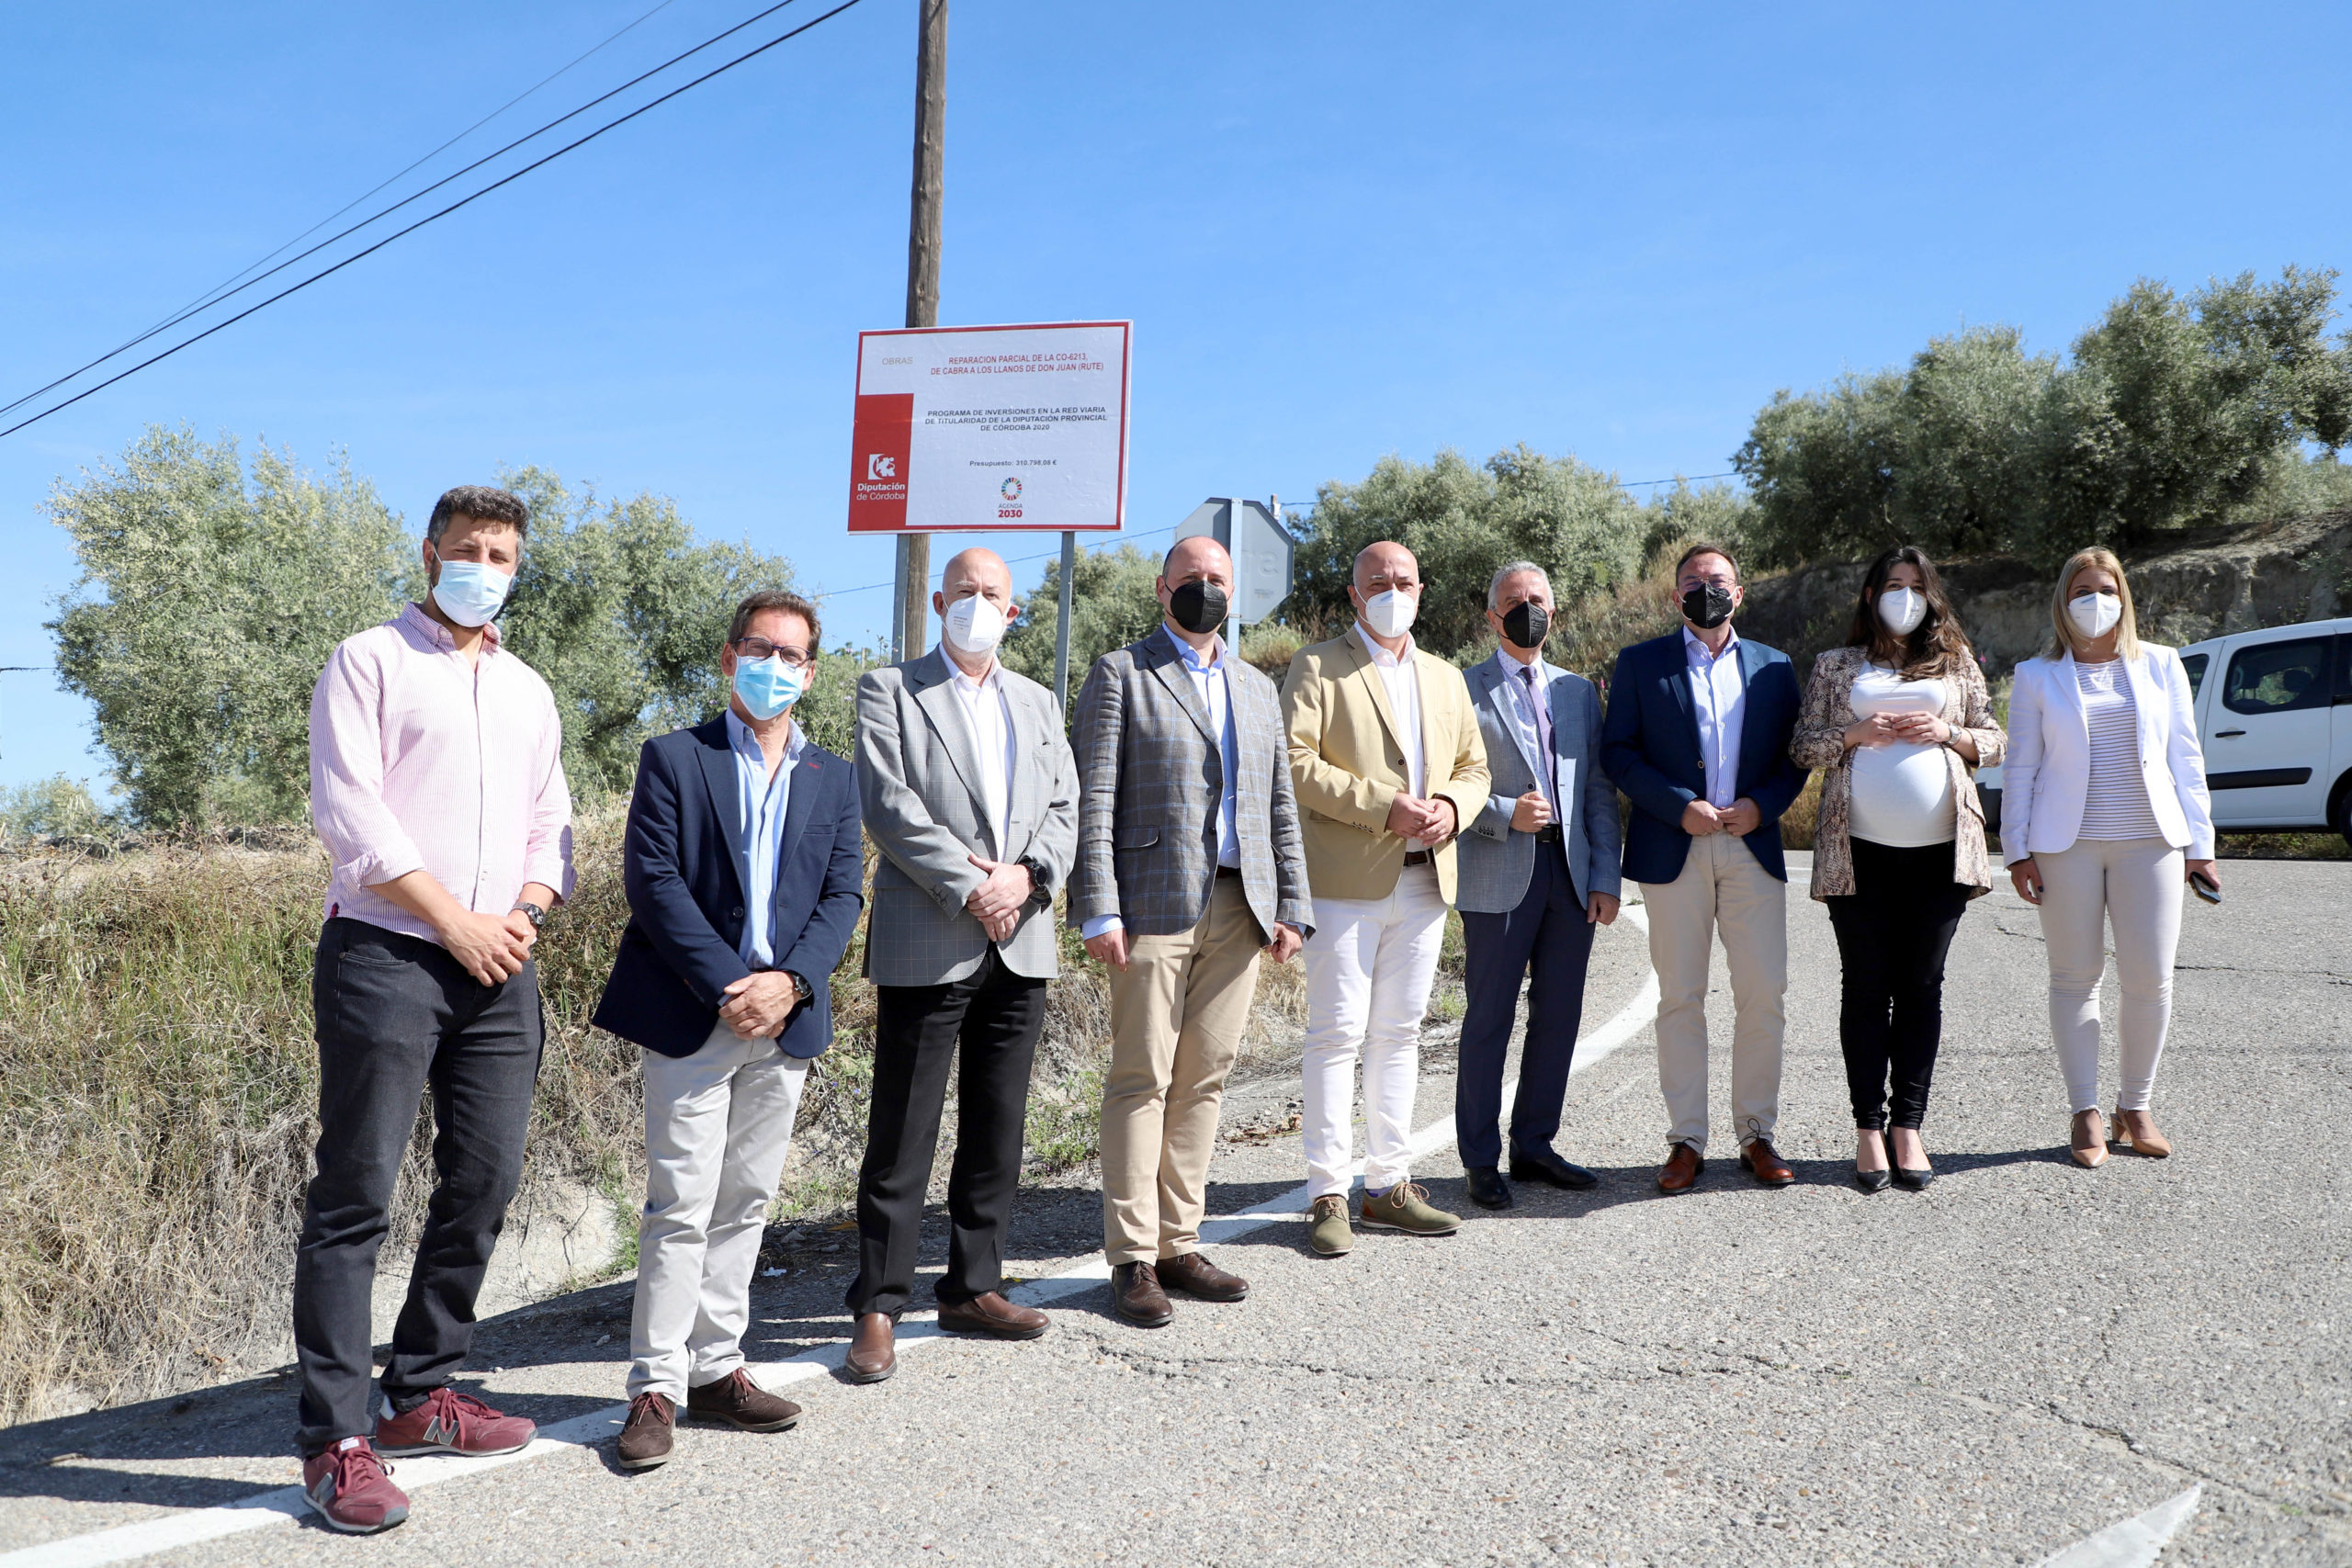 La Diputación realizará actuaciones de mejora en la CO-6213, vía fundamental para conectar Rute e Iznájar con el Hospital de Cabra